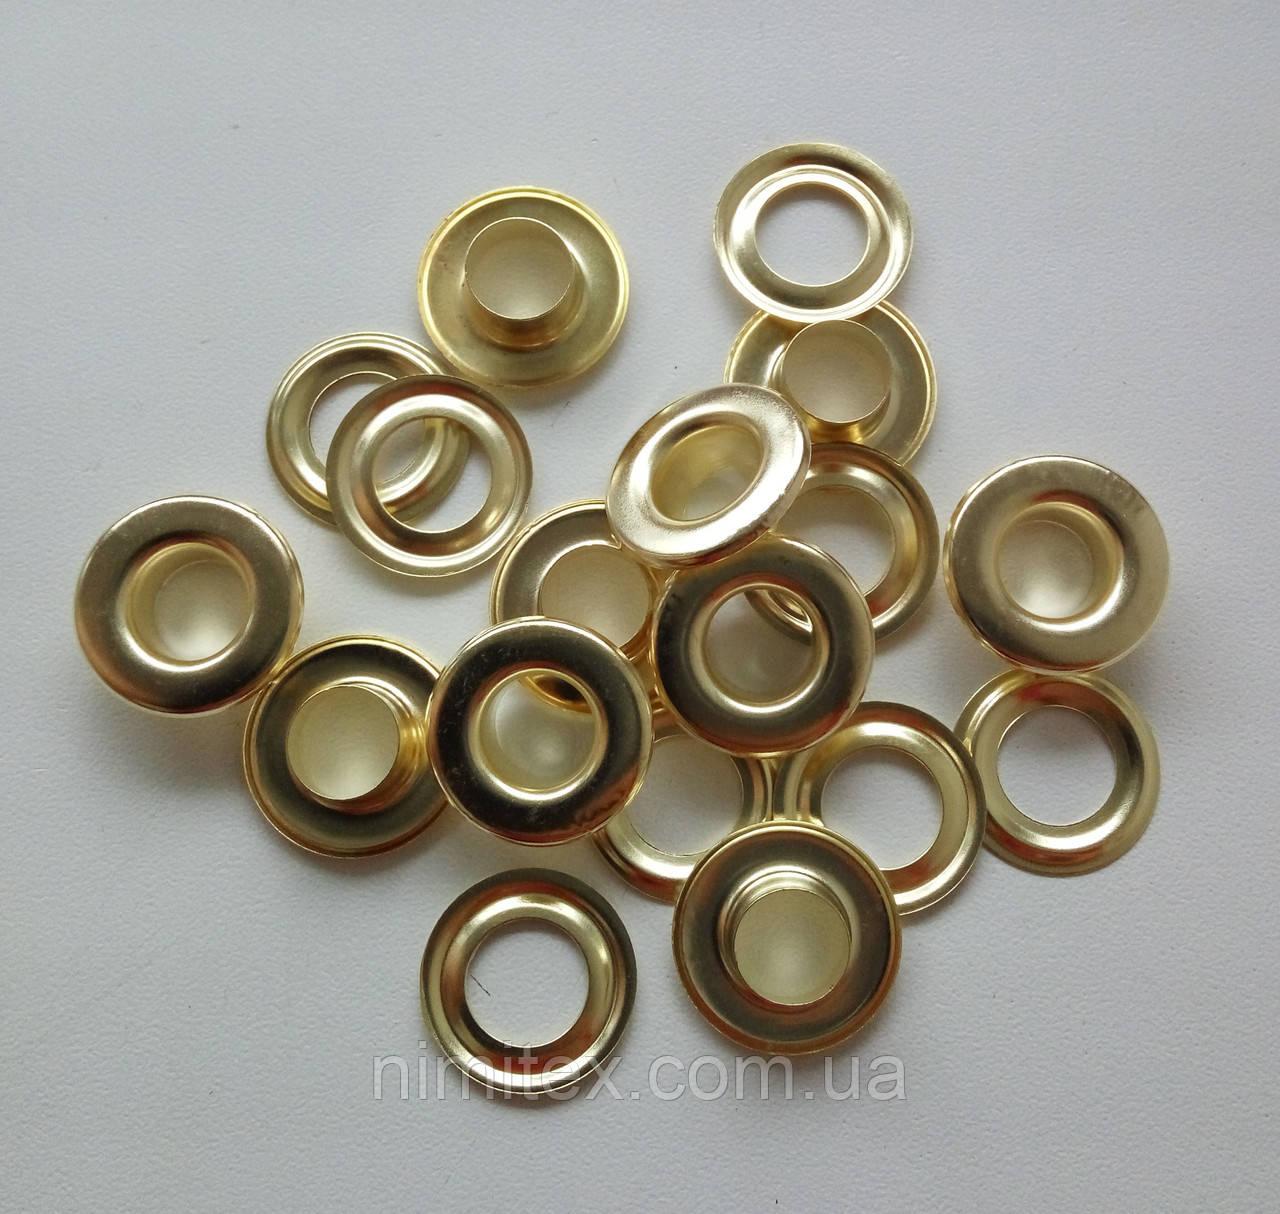 Люверс №24 - 9 мм (с шайбой) золото